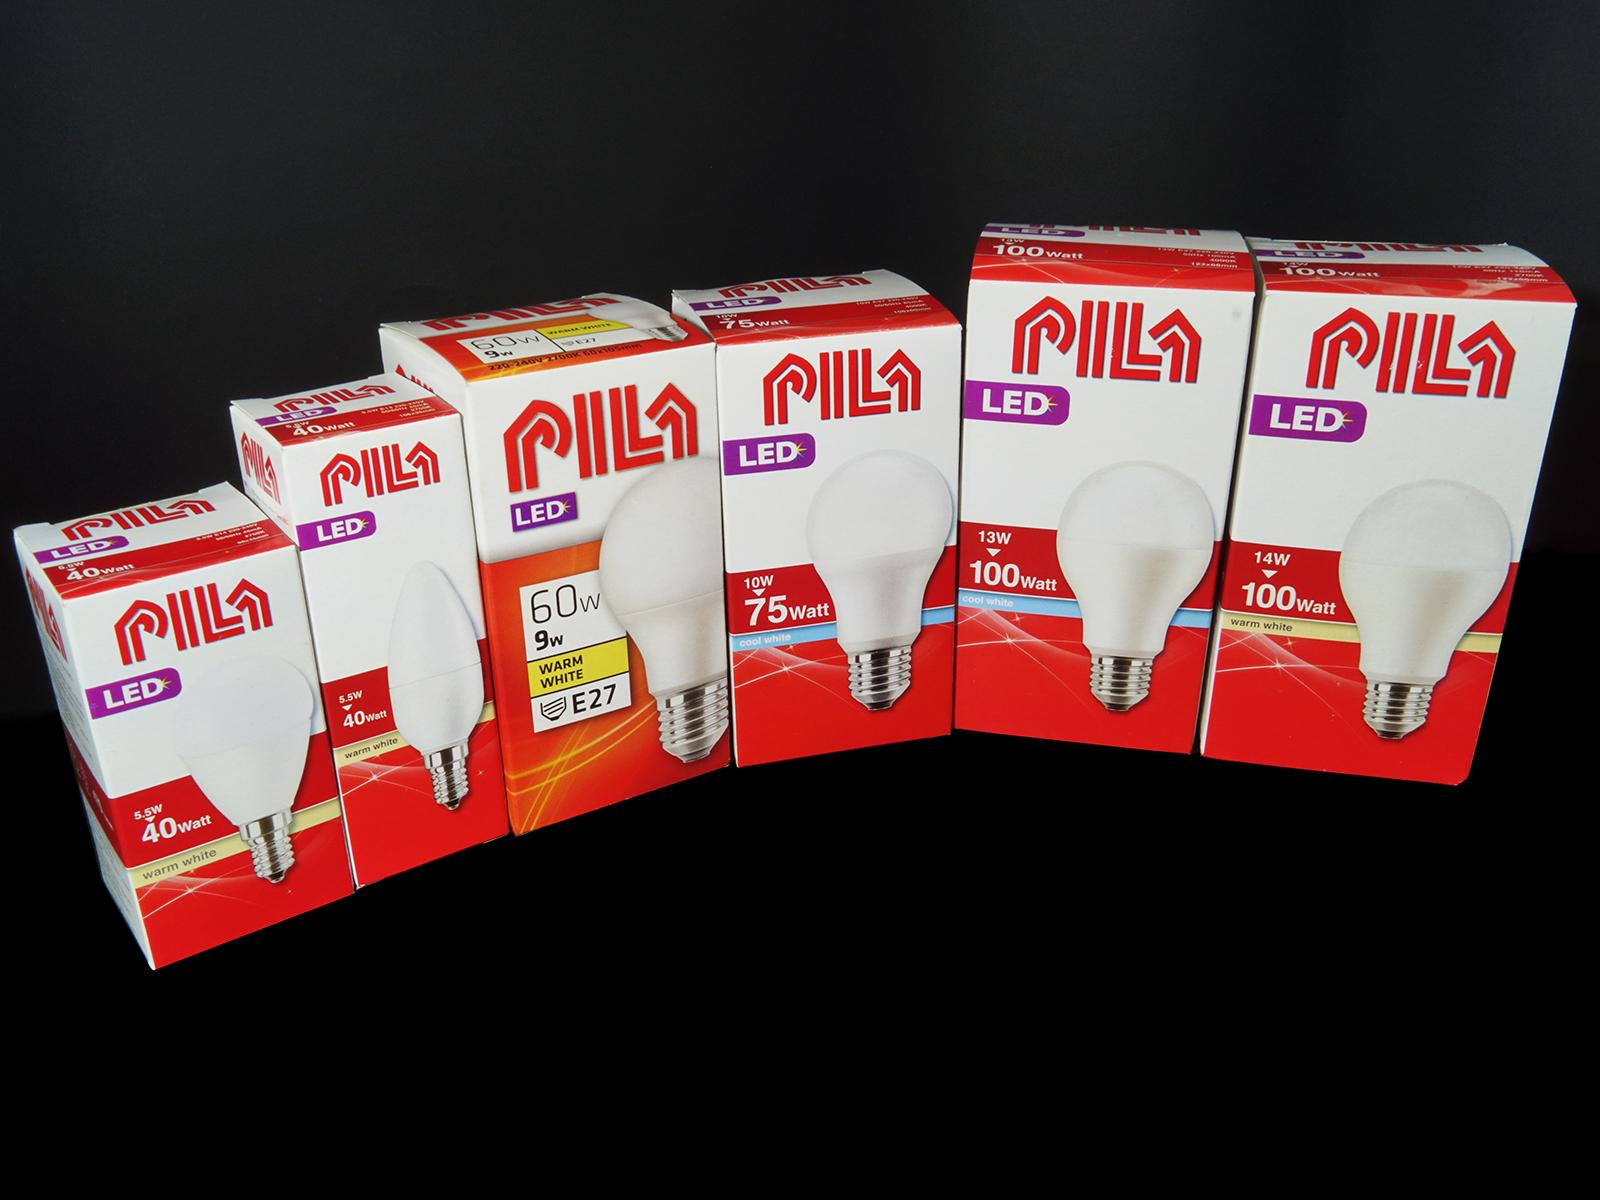 Pila LED izzók a Philips cégcsoporttól: E27 és E14 opál LED lámpák